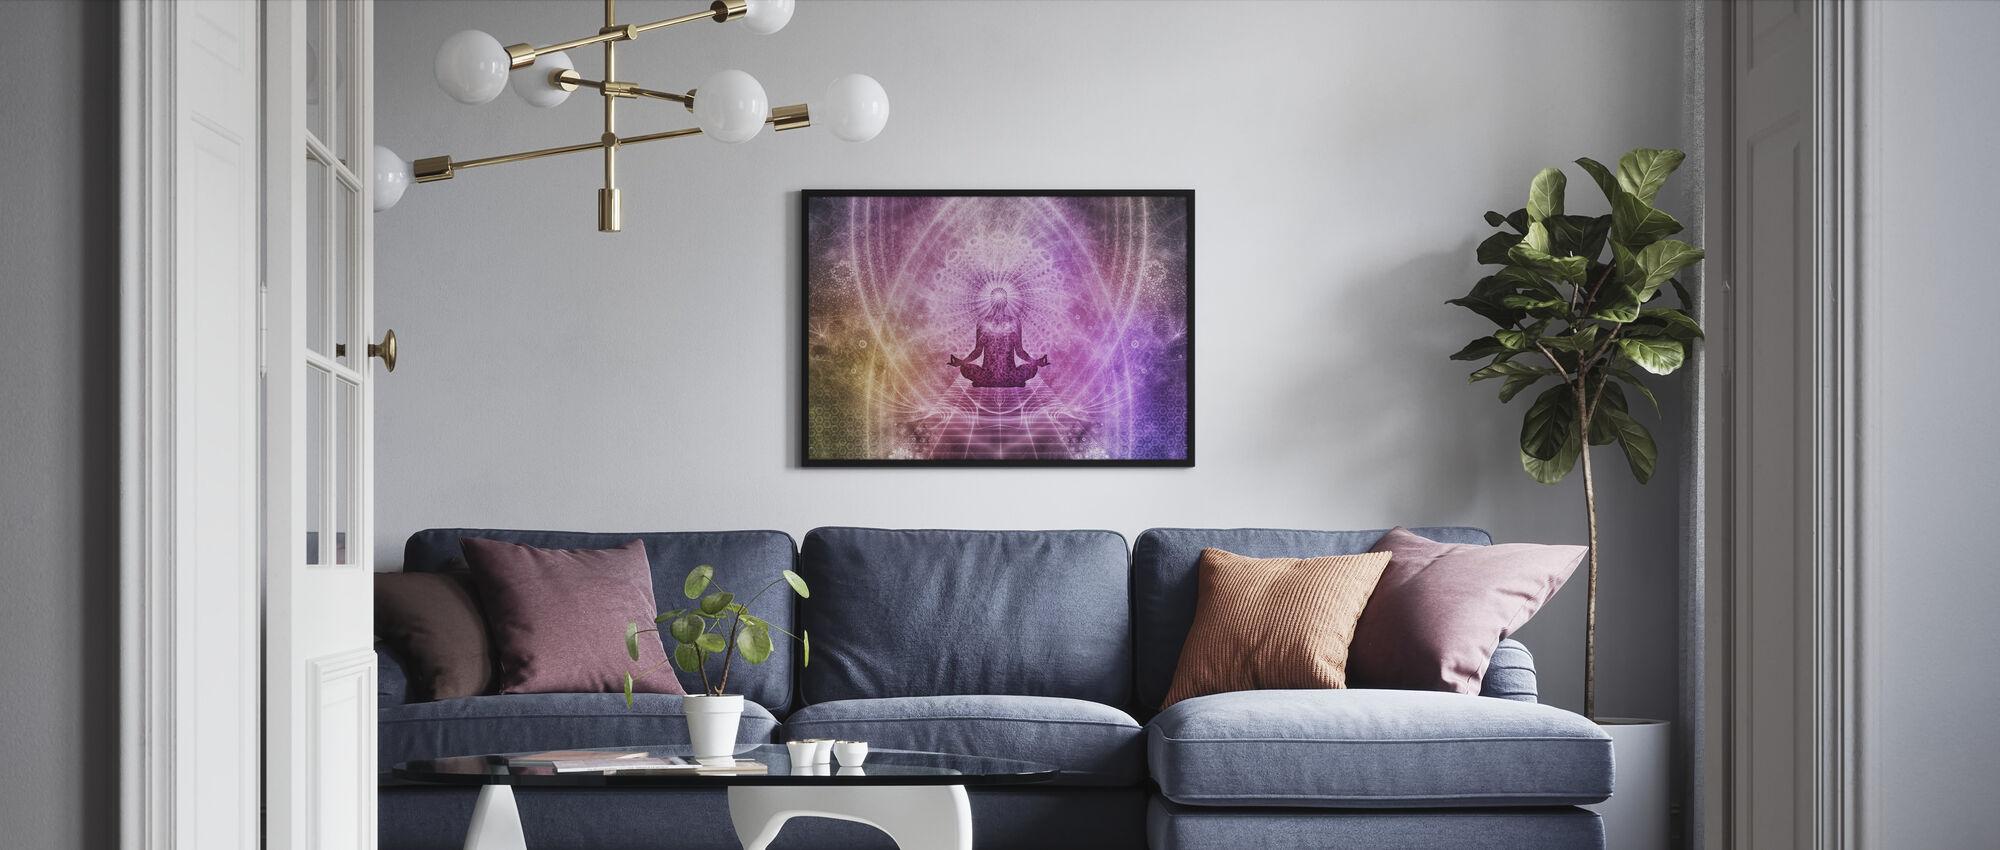 Åndelig meditation - Indrammet billede - Stue